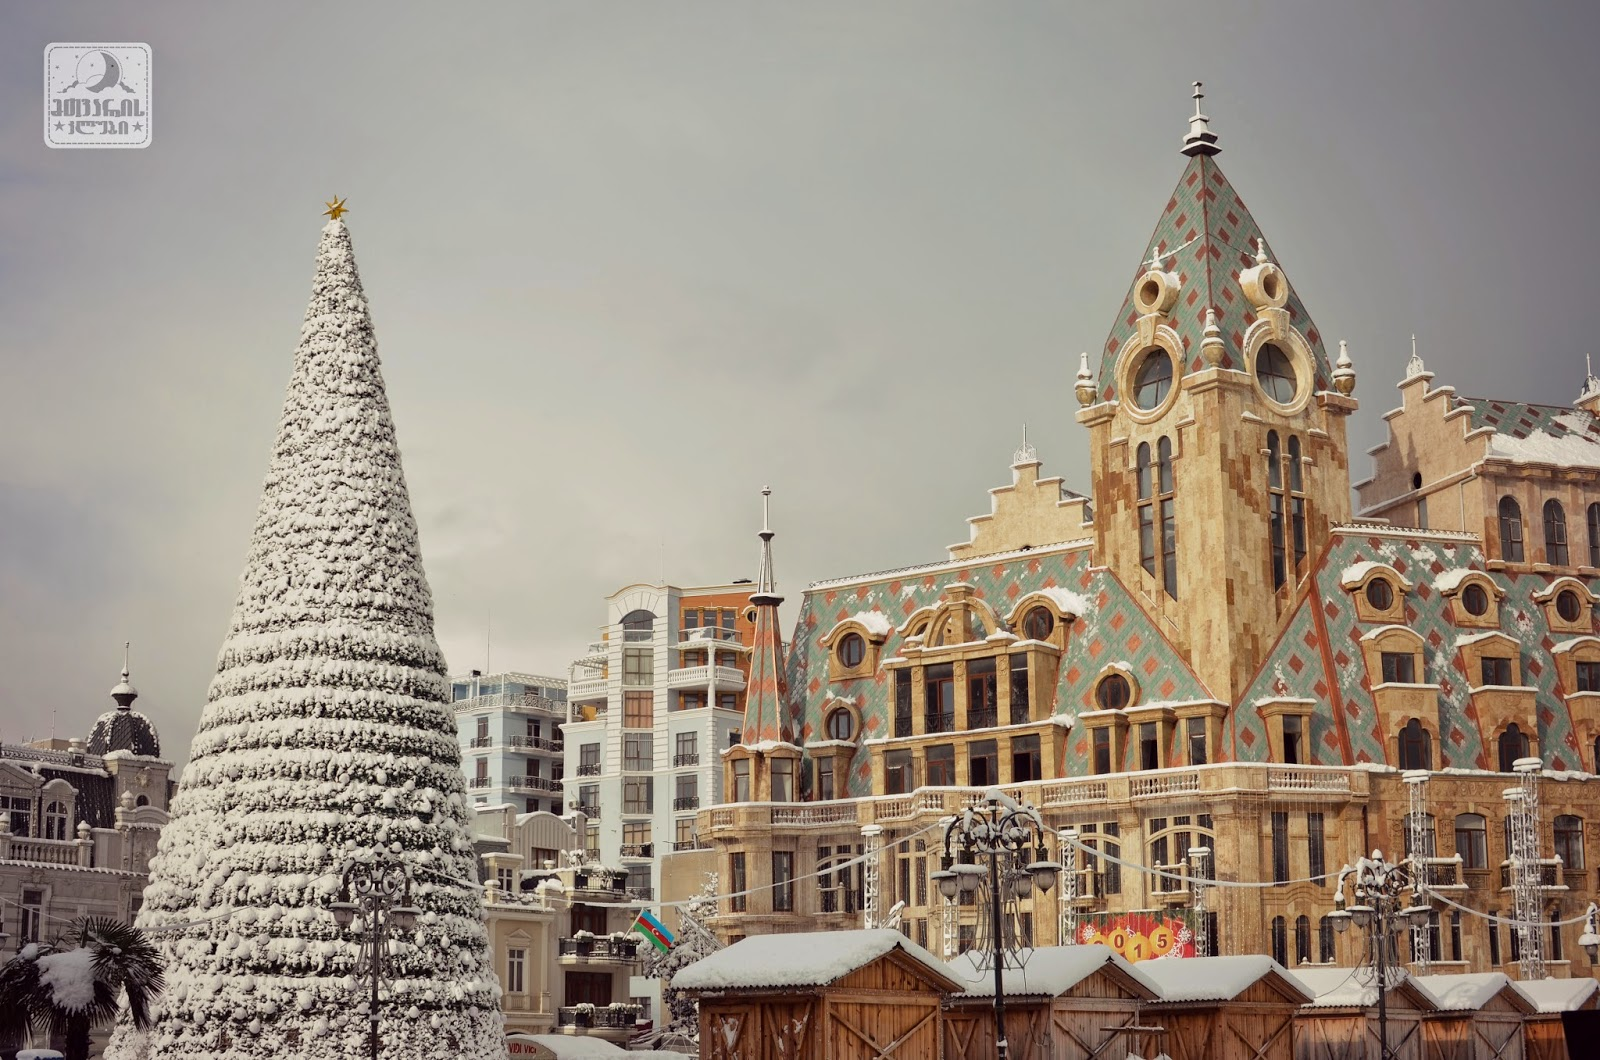 პირველი თოვლი და პირველი პოსტი  The first snow in Batumi